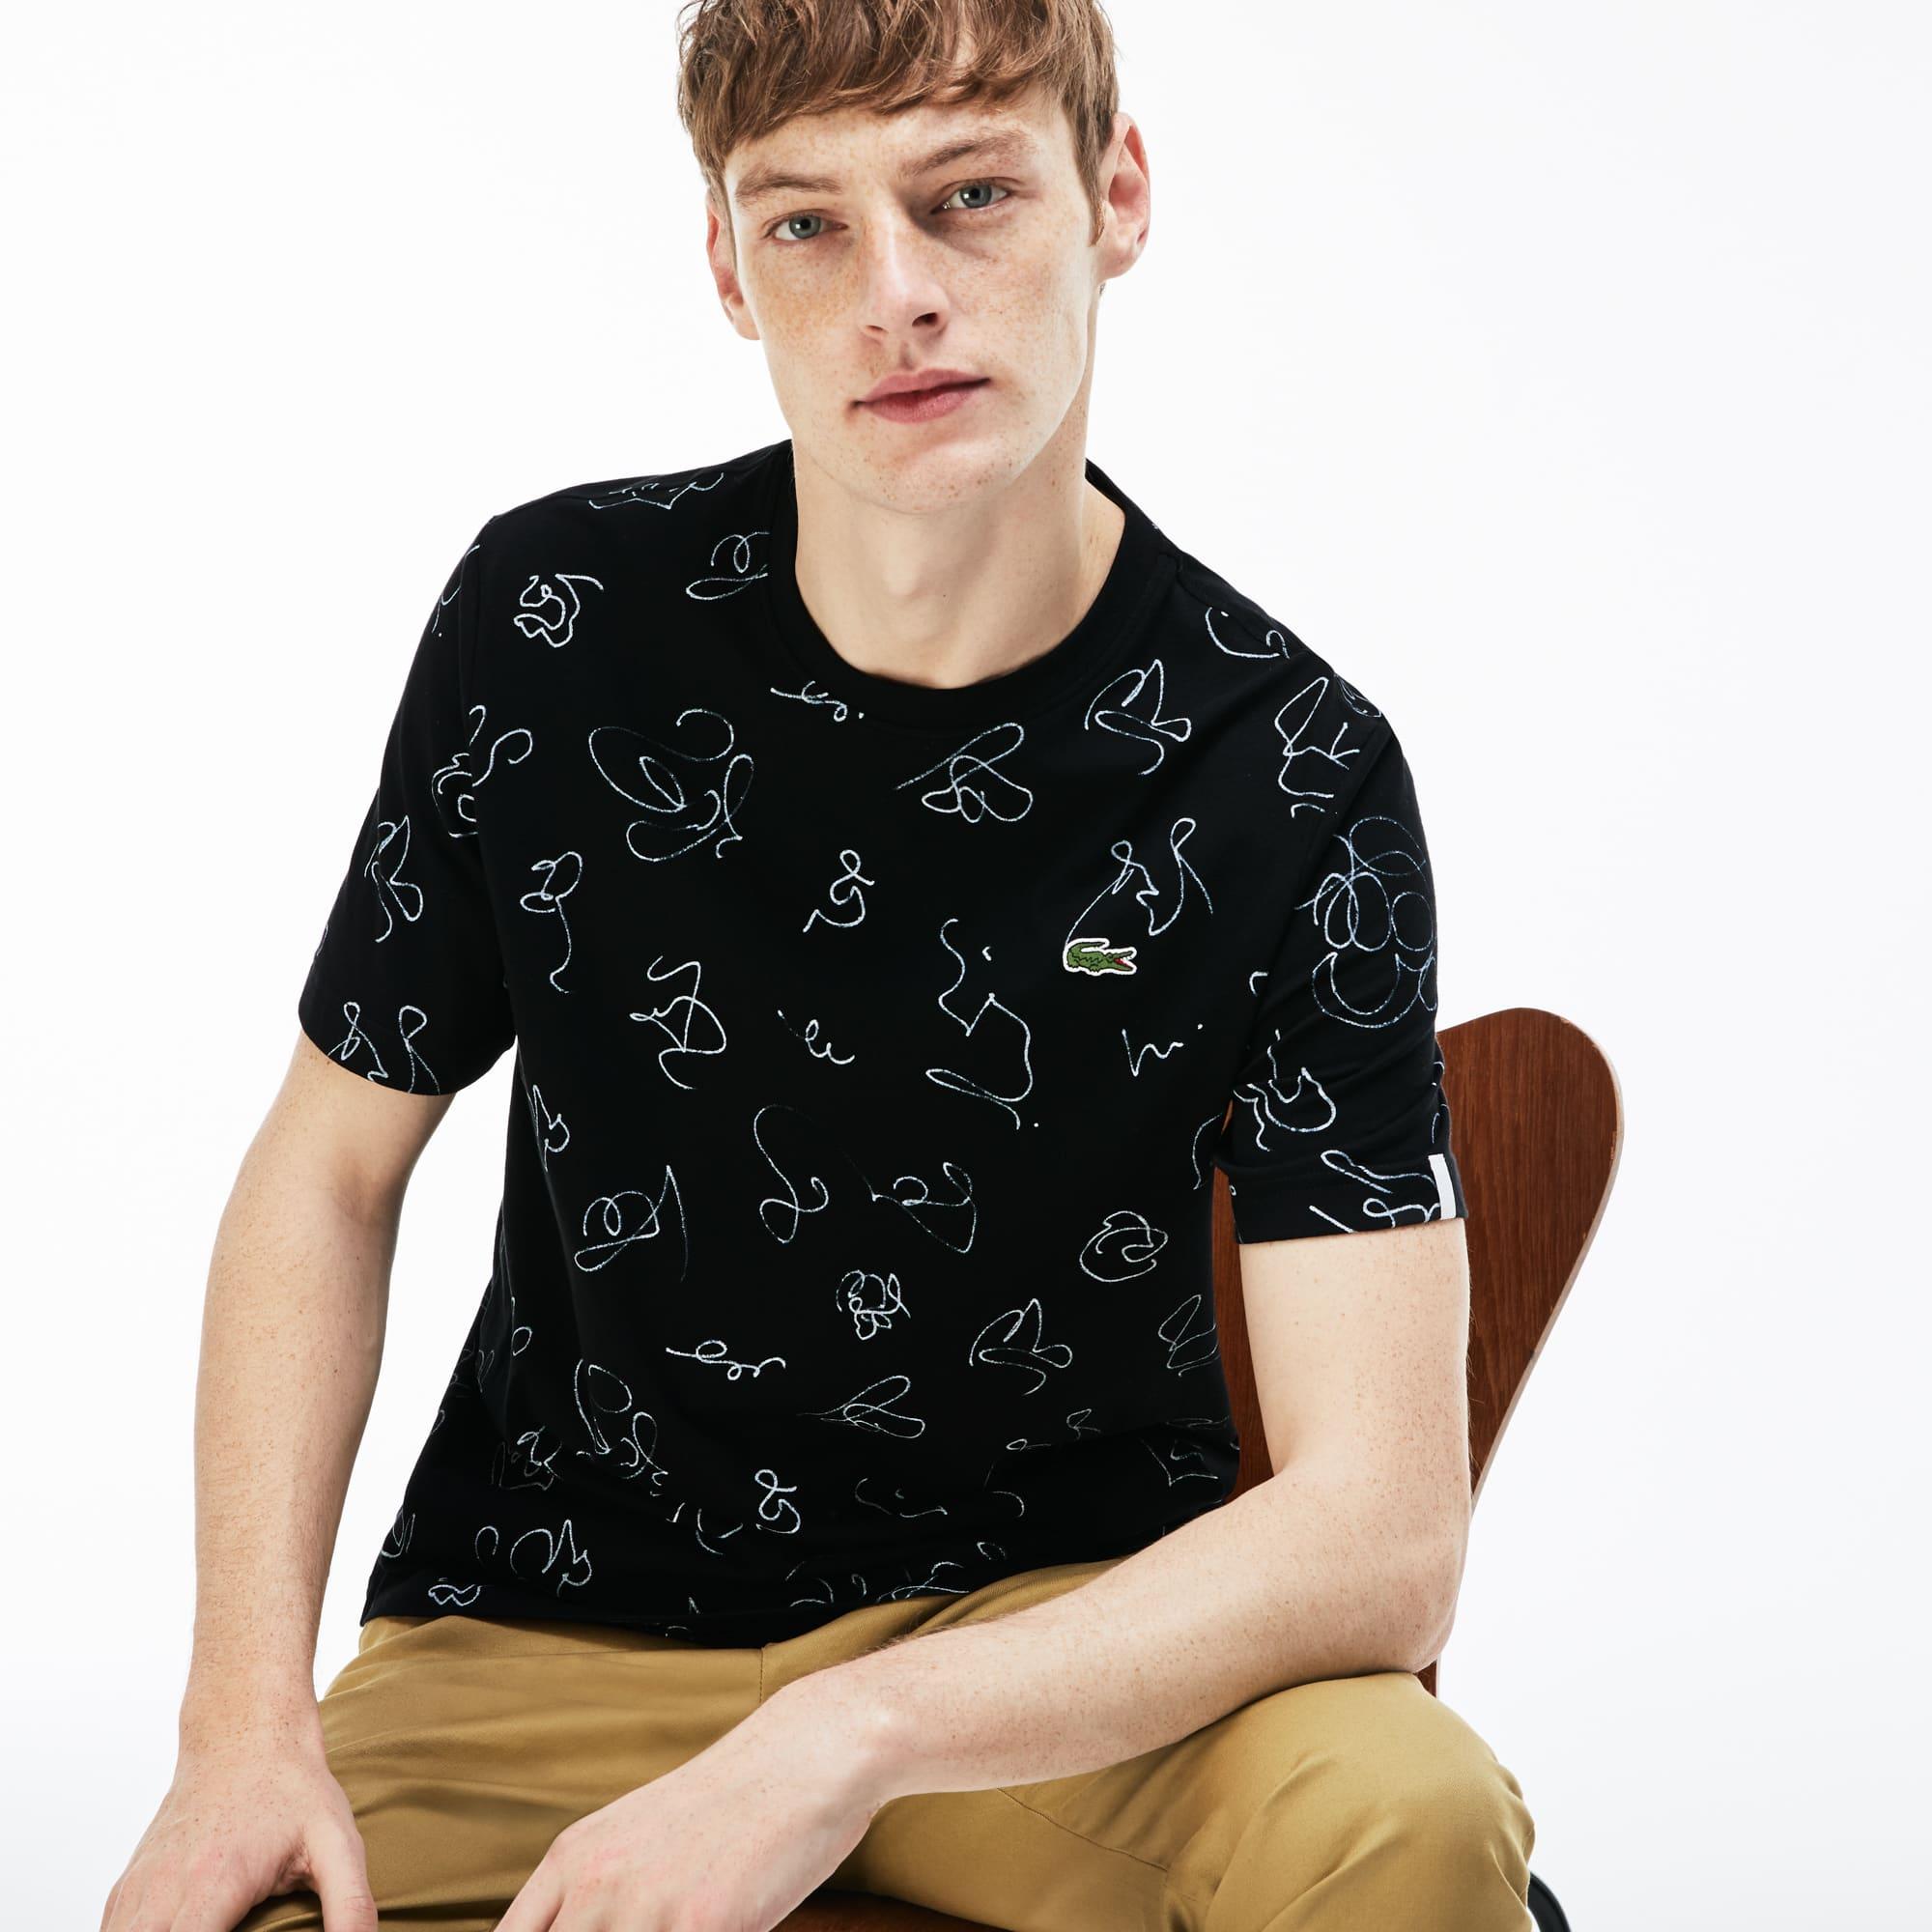 Men's LIVE Crew Neck Doodle Print Cotton Jersey T-shirt